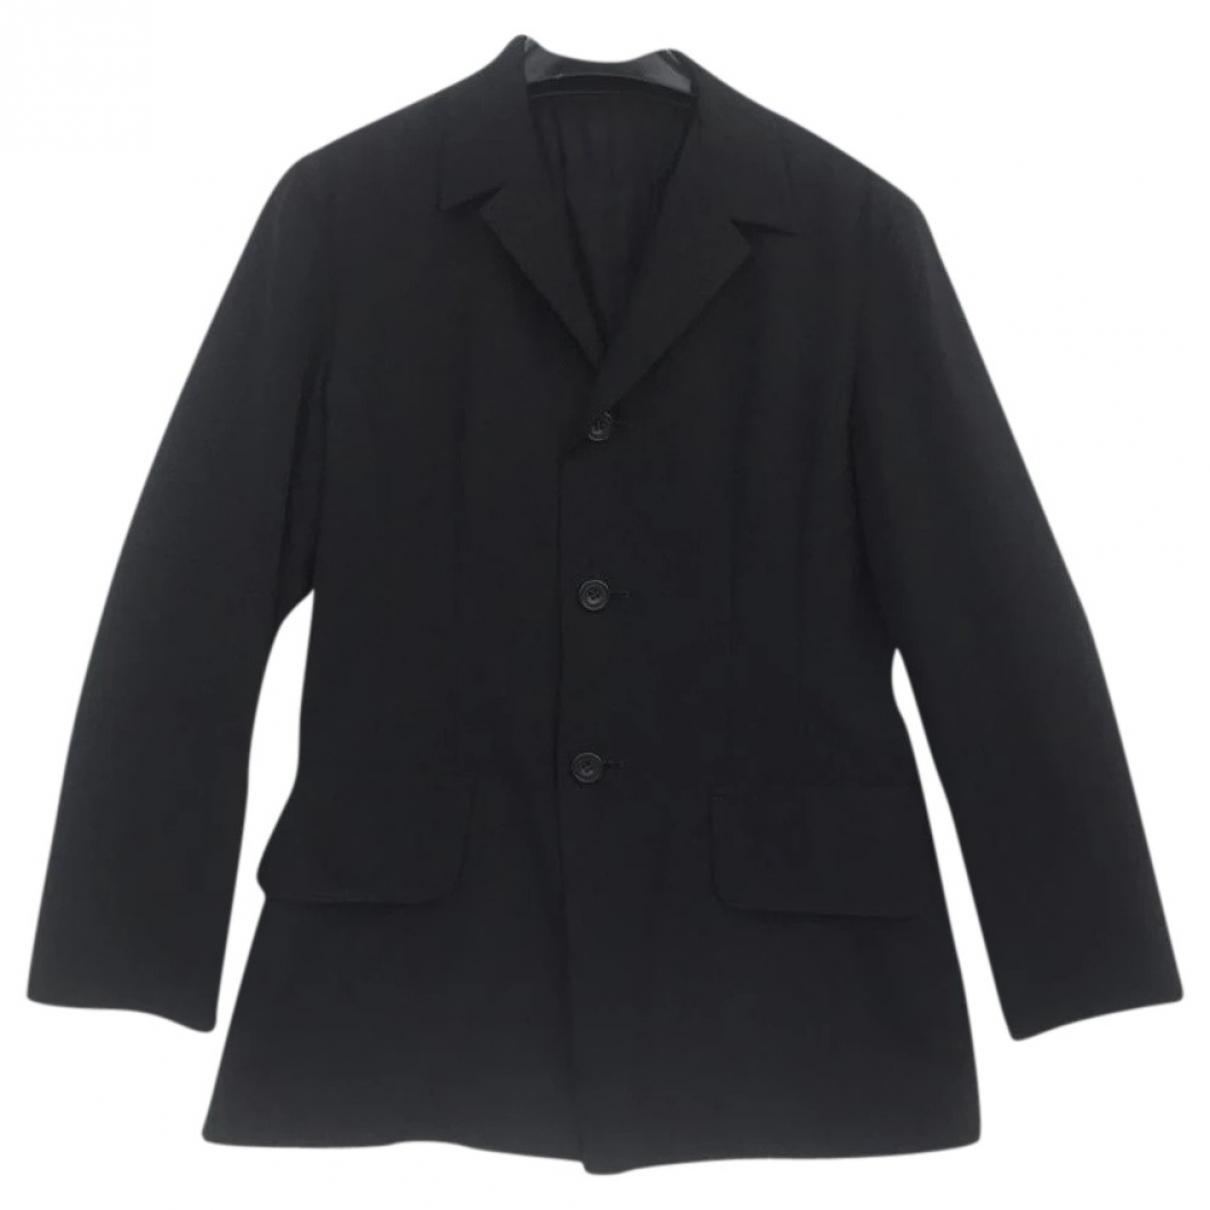 Yohji Yamamoto - Vestes.Blousons   pour homme en laine - noir